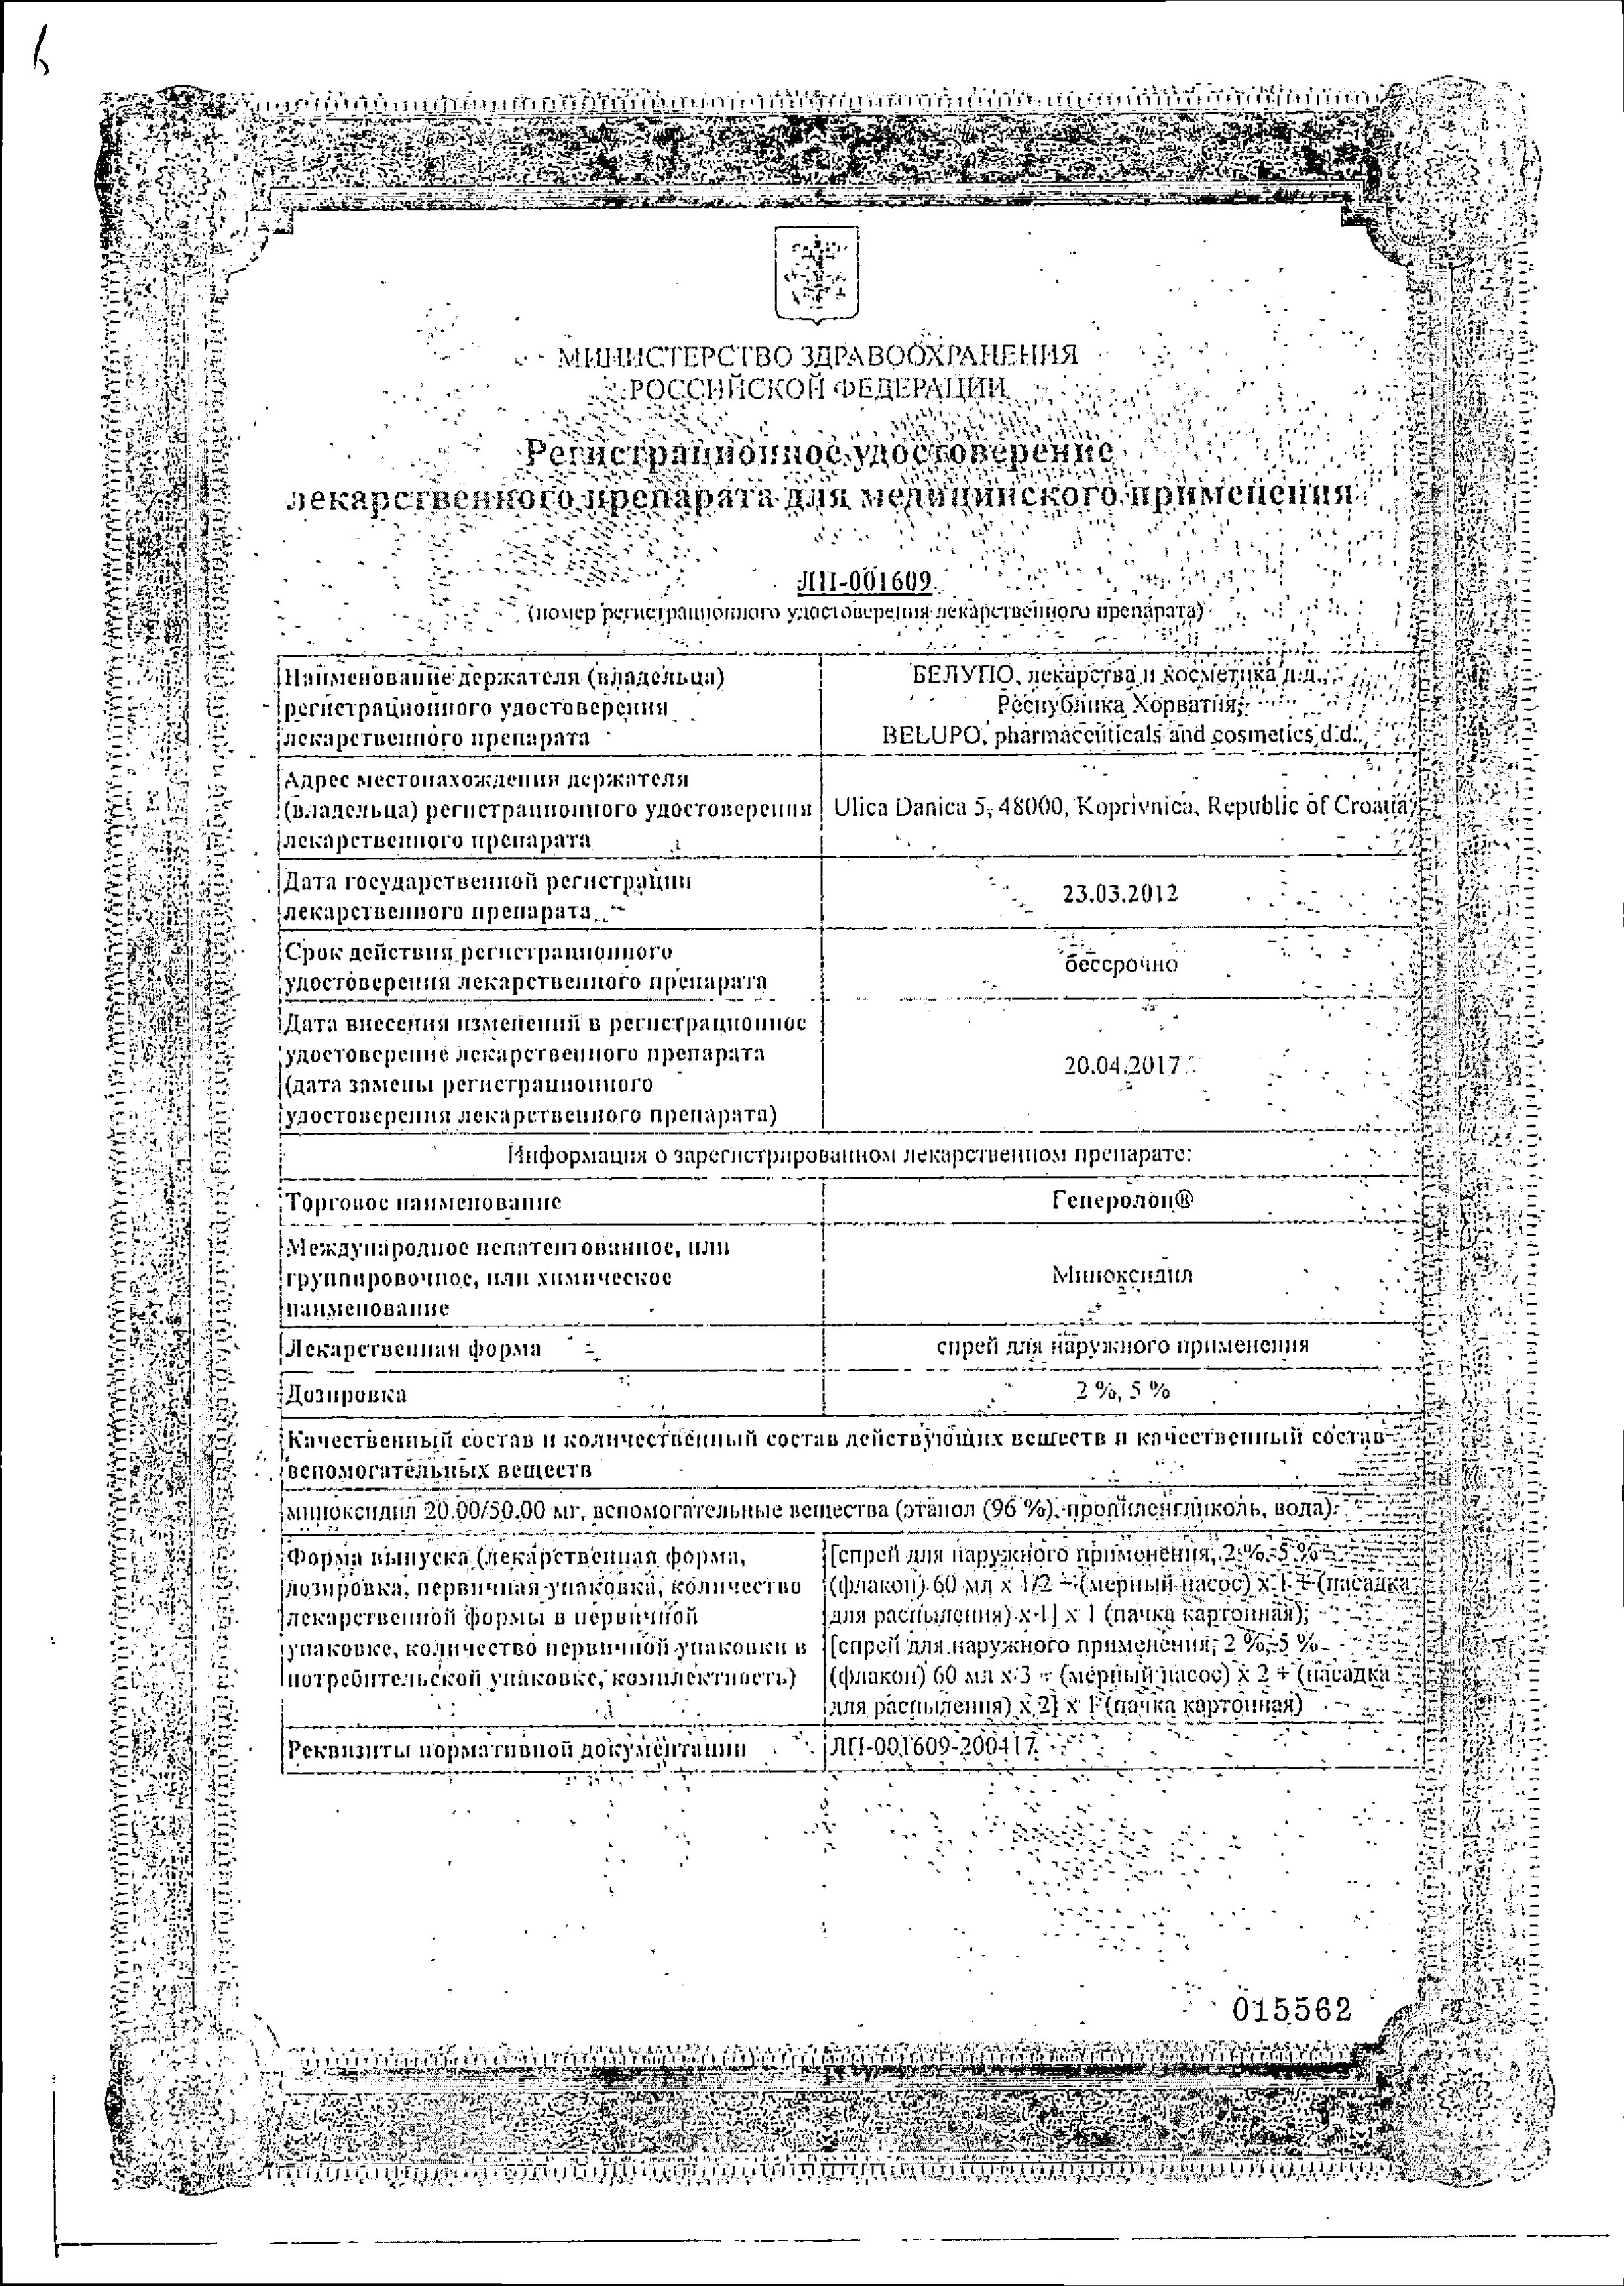 Генеролон сертификат